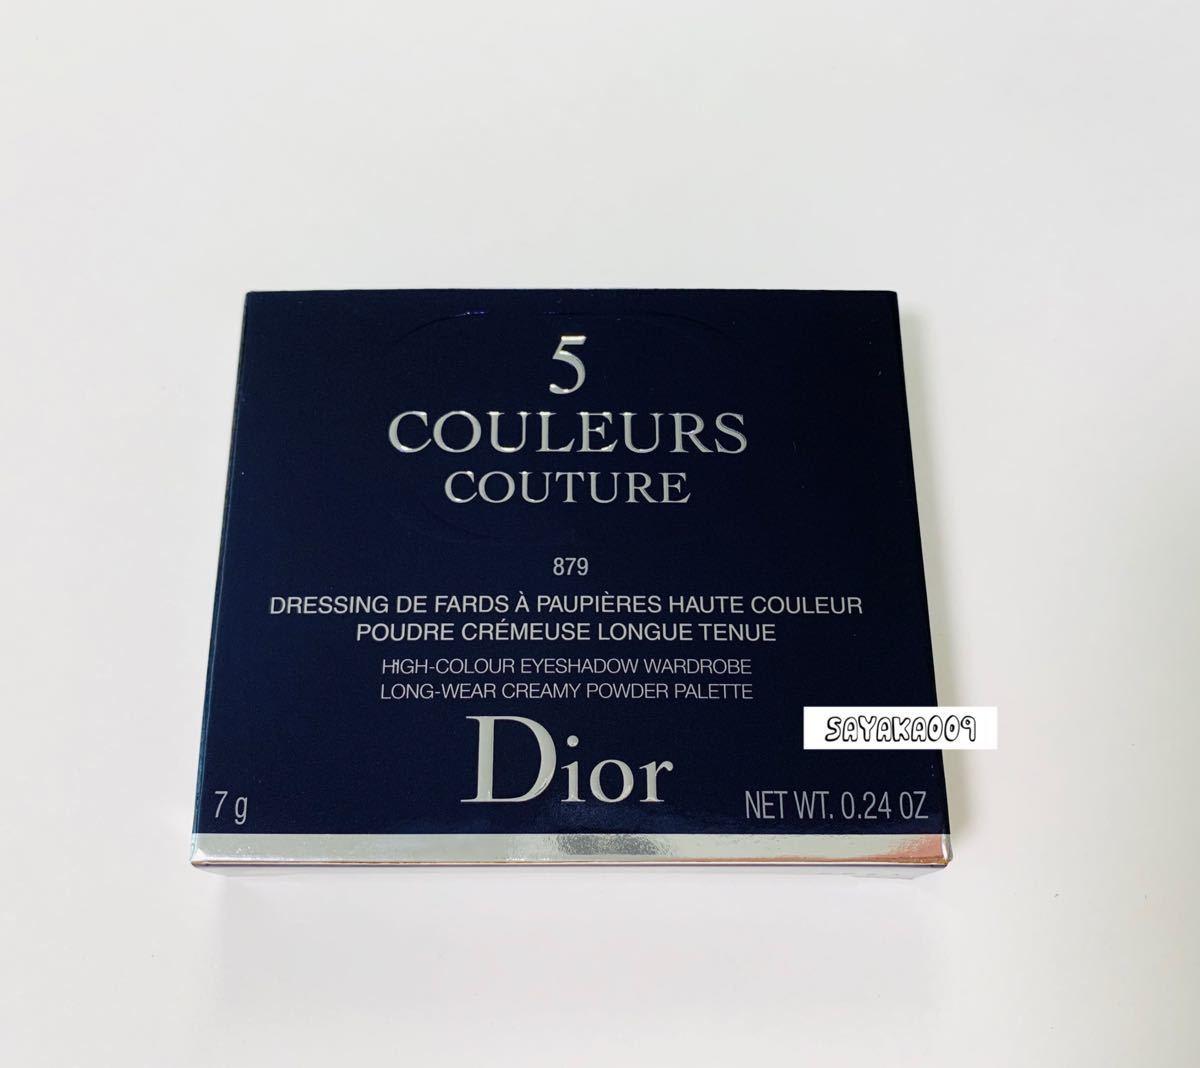 新品 Dior サンク クルール クチュール アイシャドウパレット 879